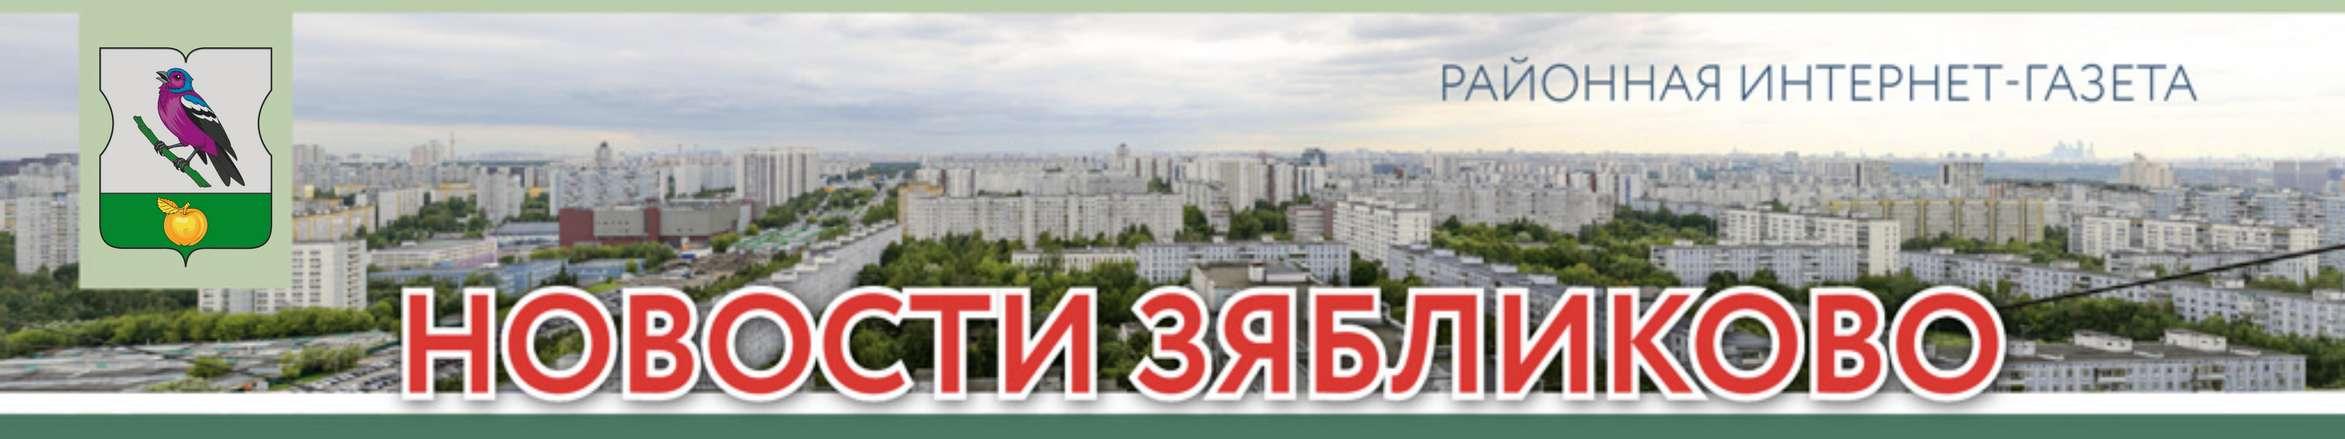 Новости Зябликово